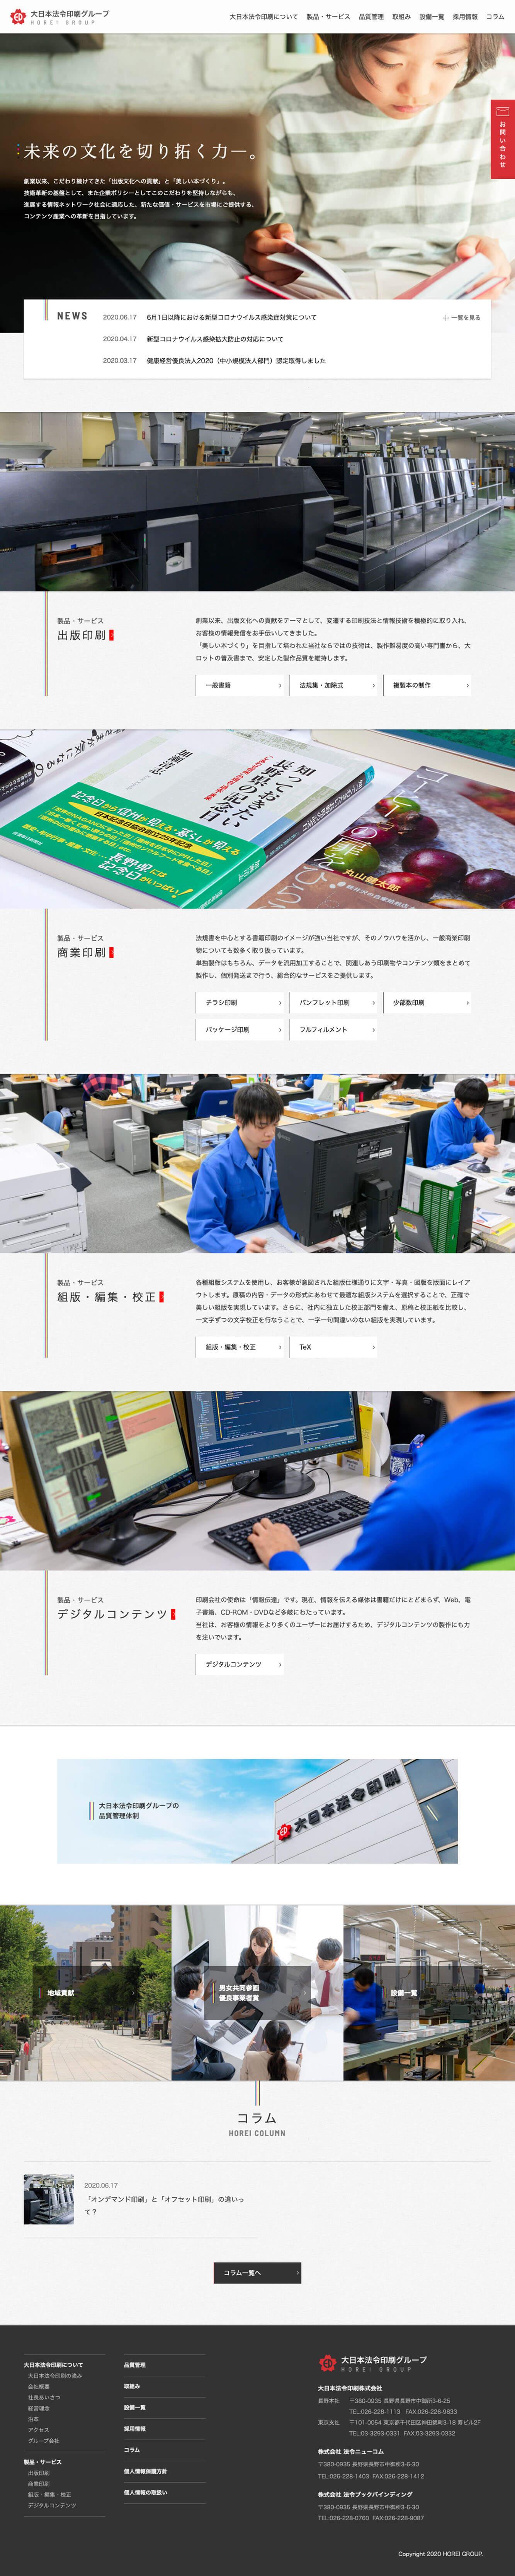 大日本法令印刷pcイメージ